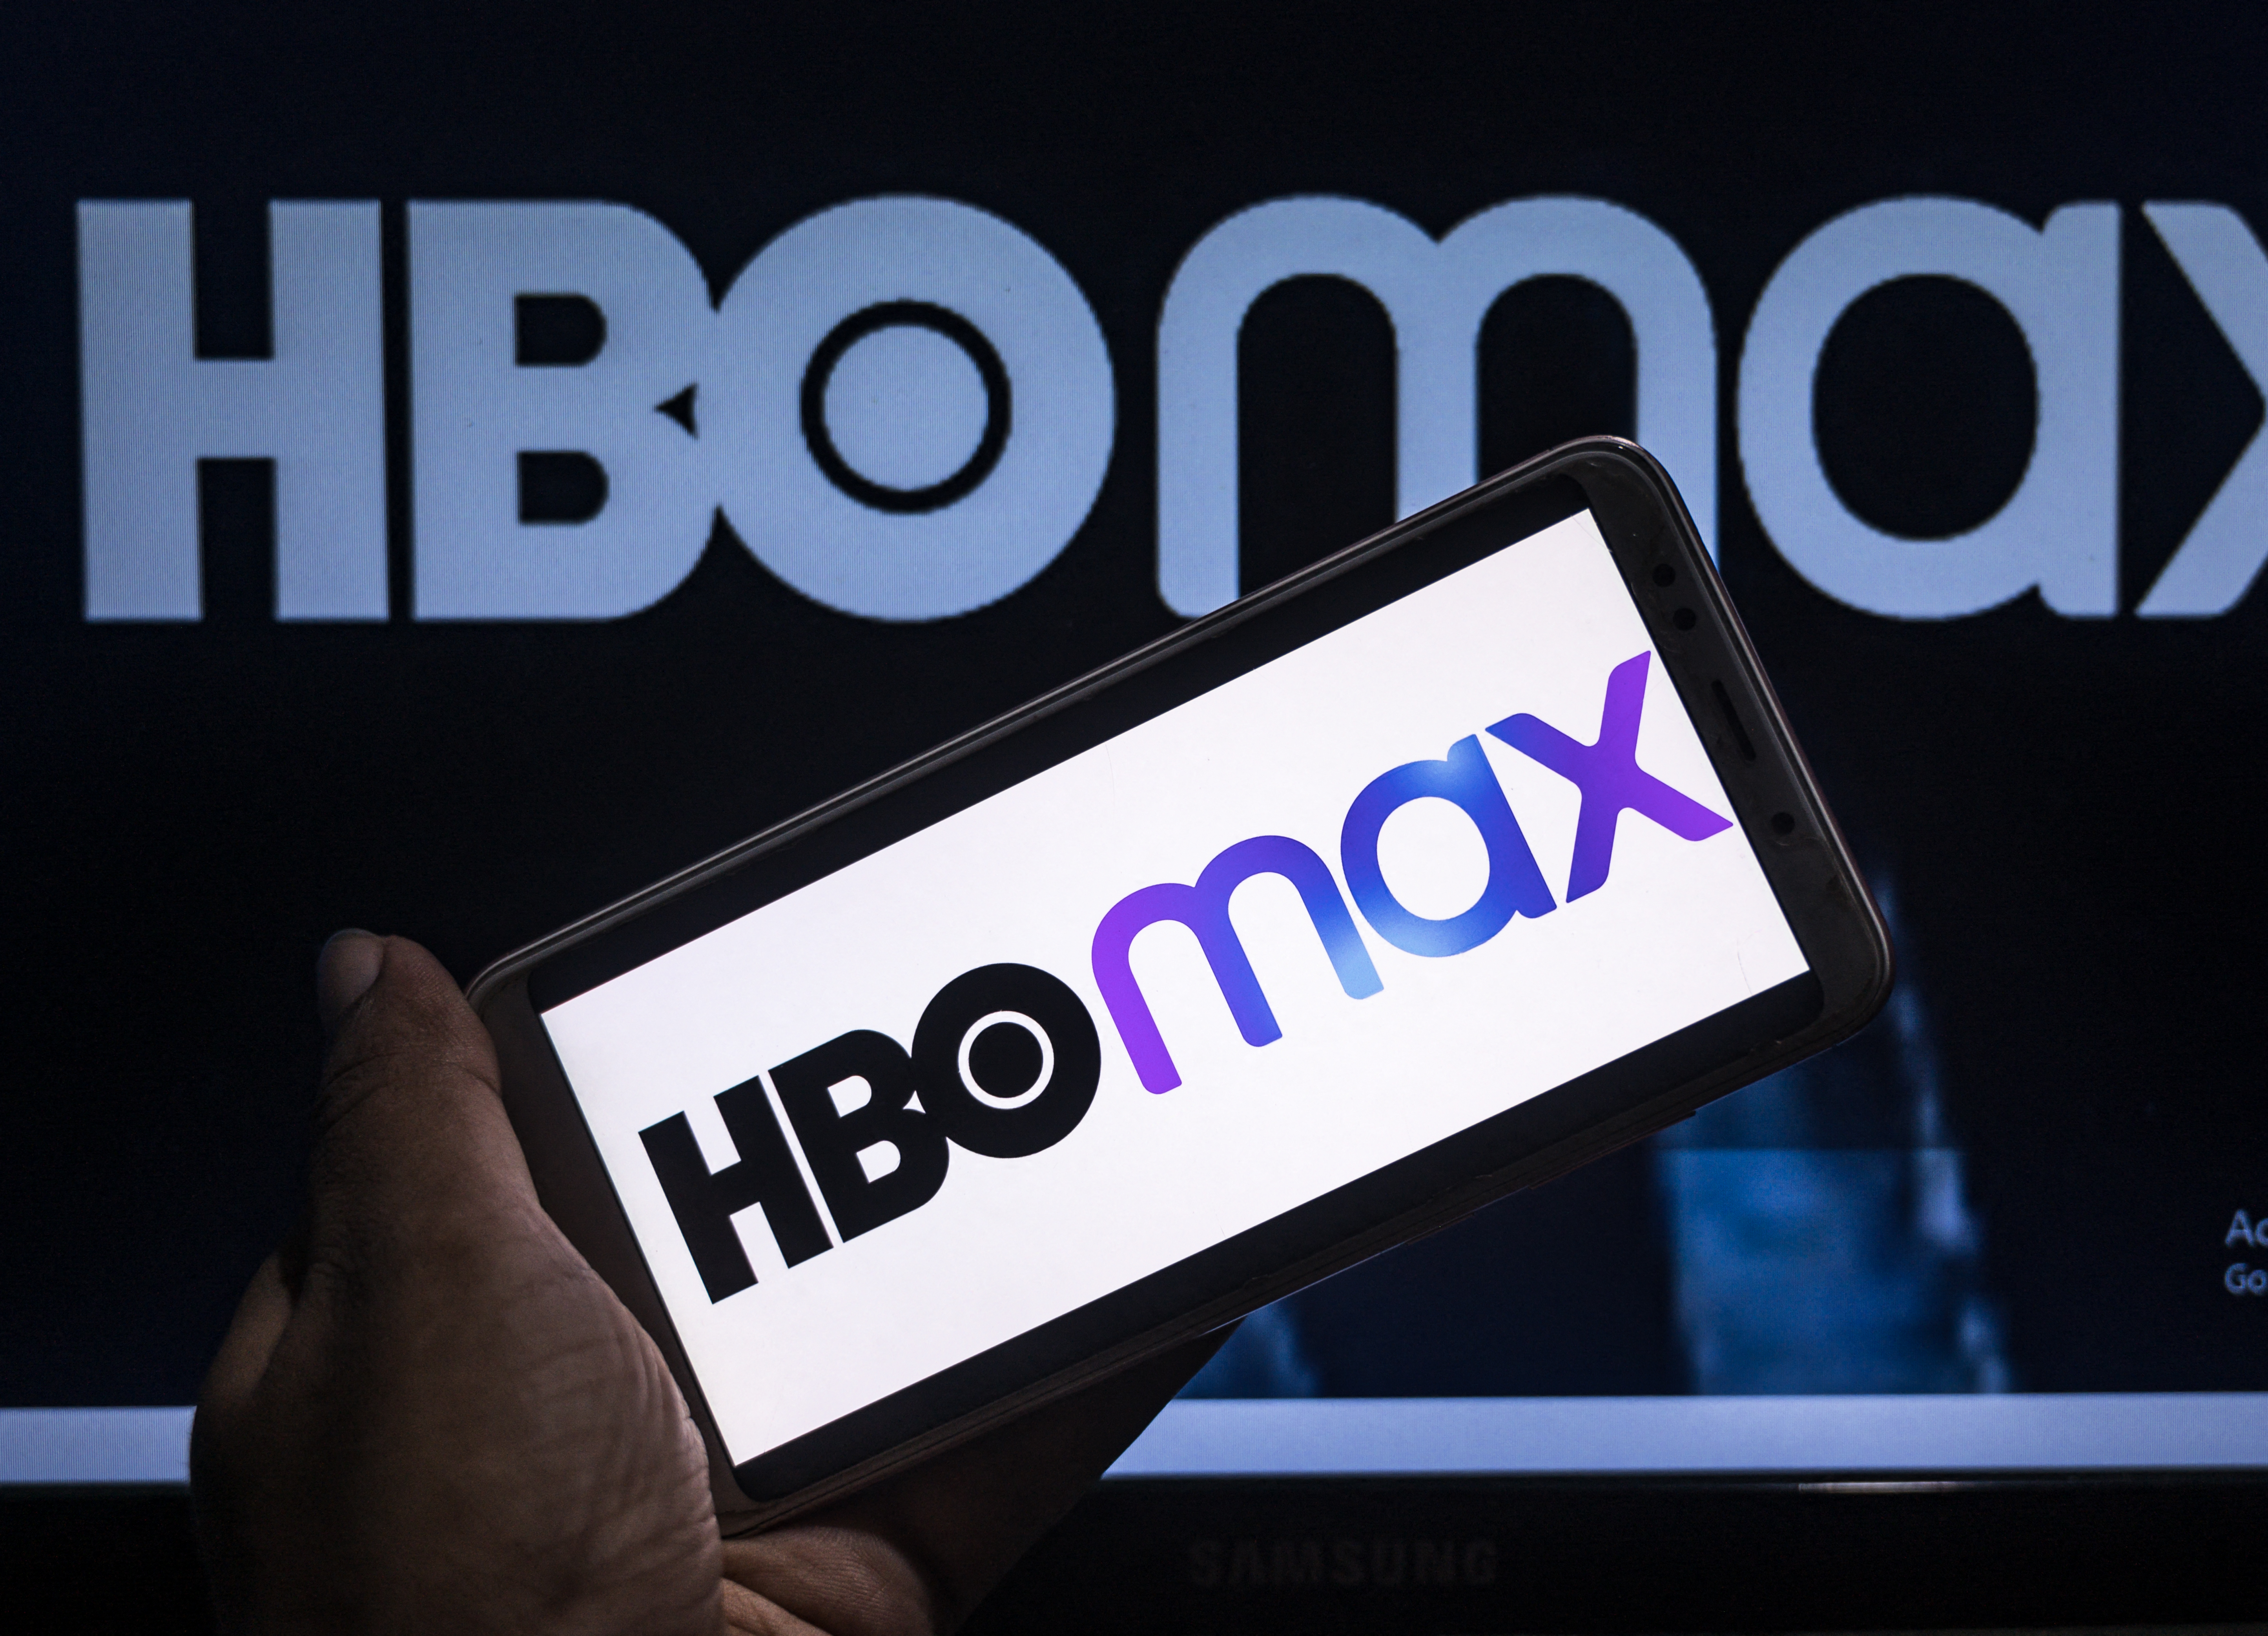 2022-től Magyarországon is elérhető lesz az HBO Max